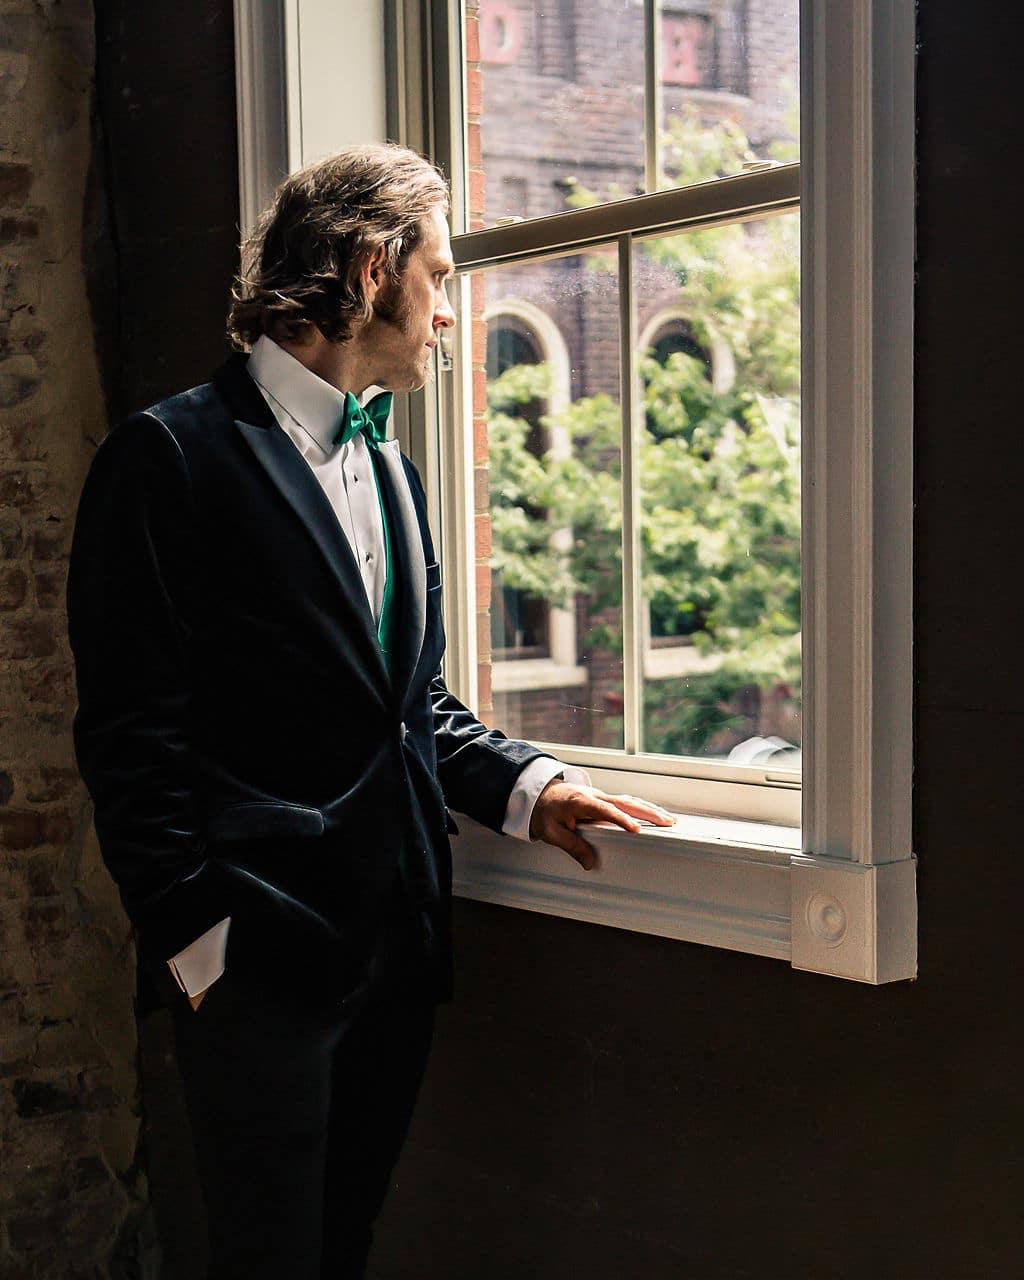 Velvet green wedding tuxedo: